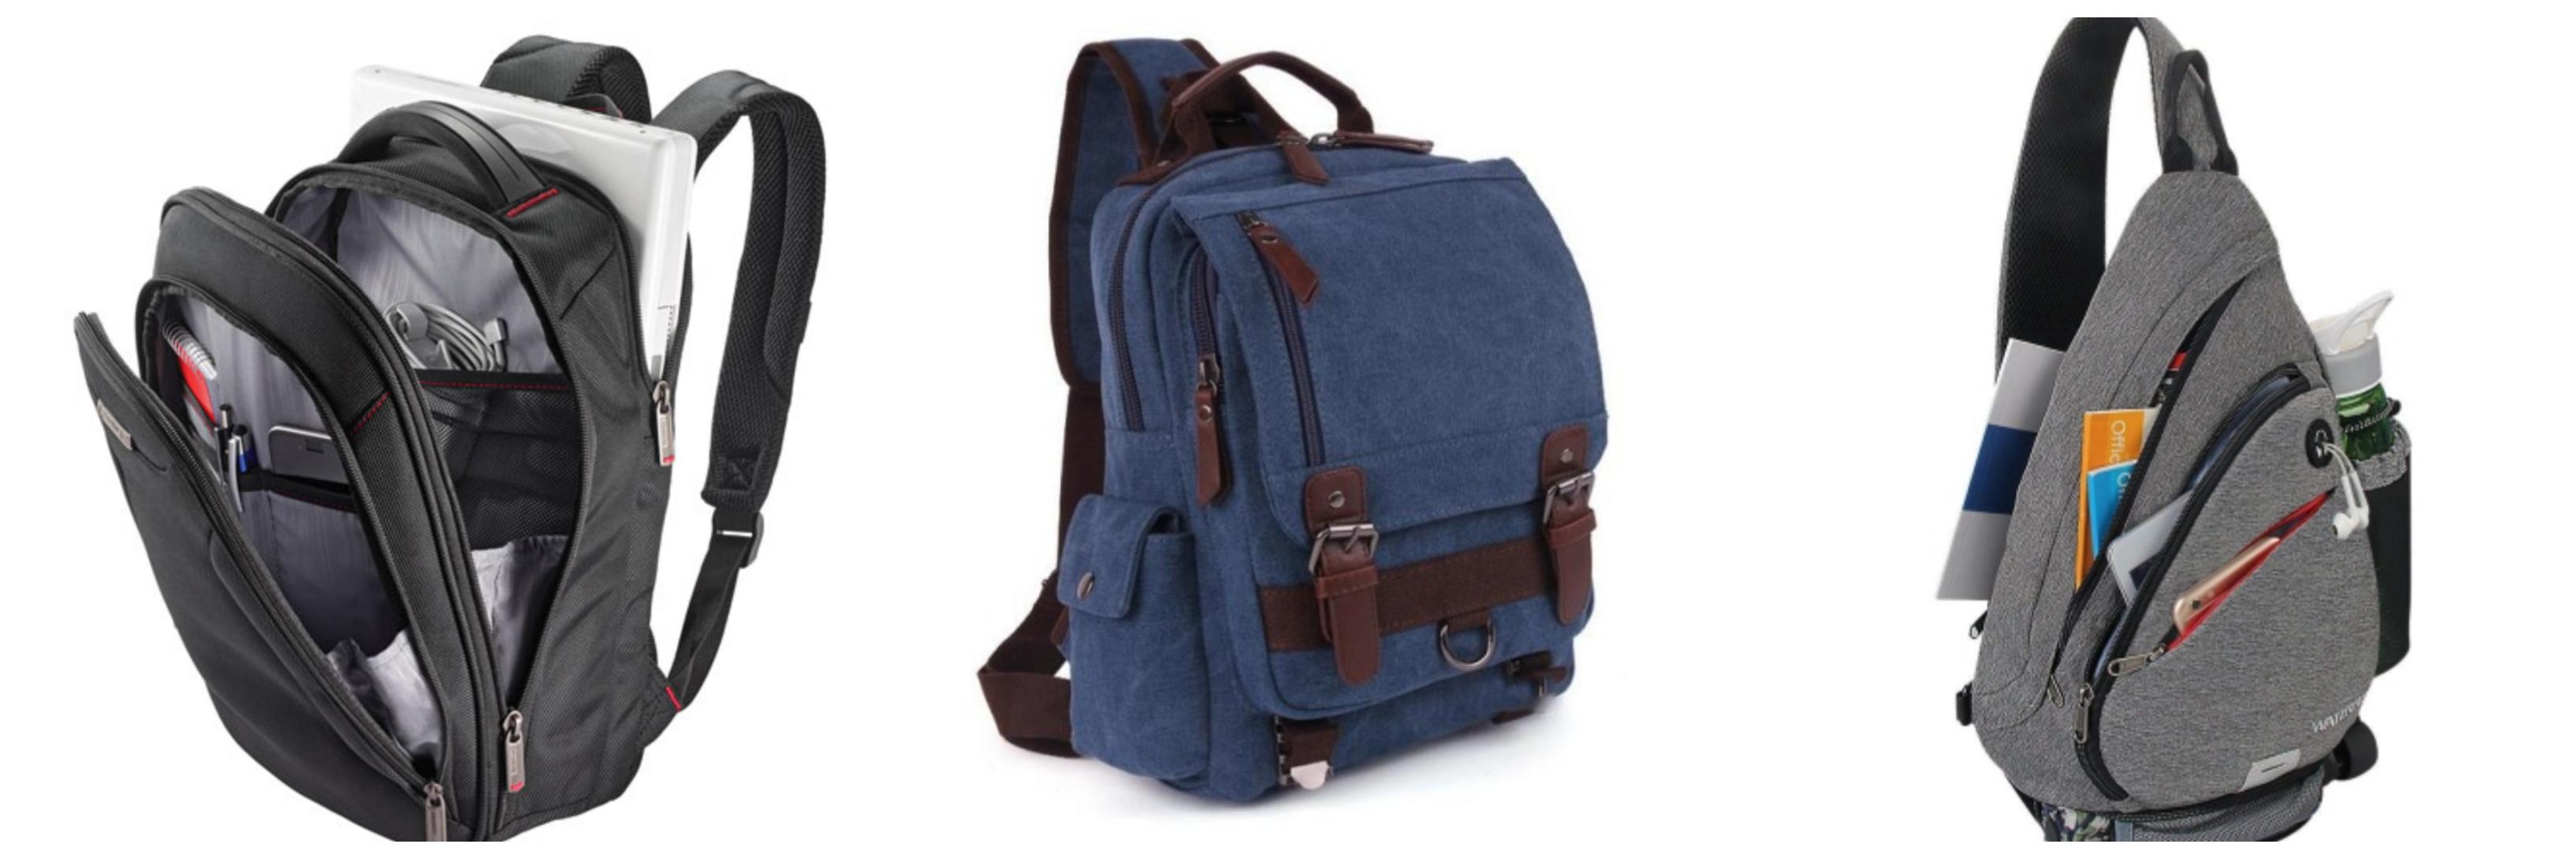 backpacks that multi-task